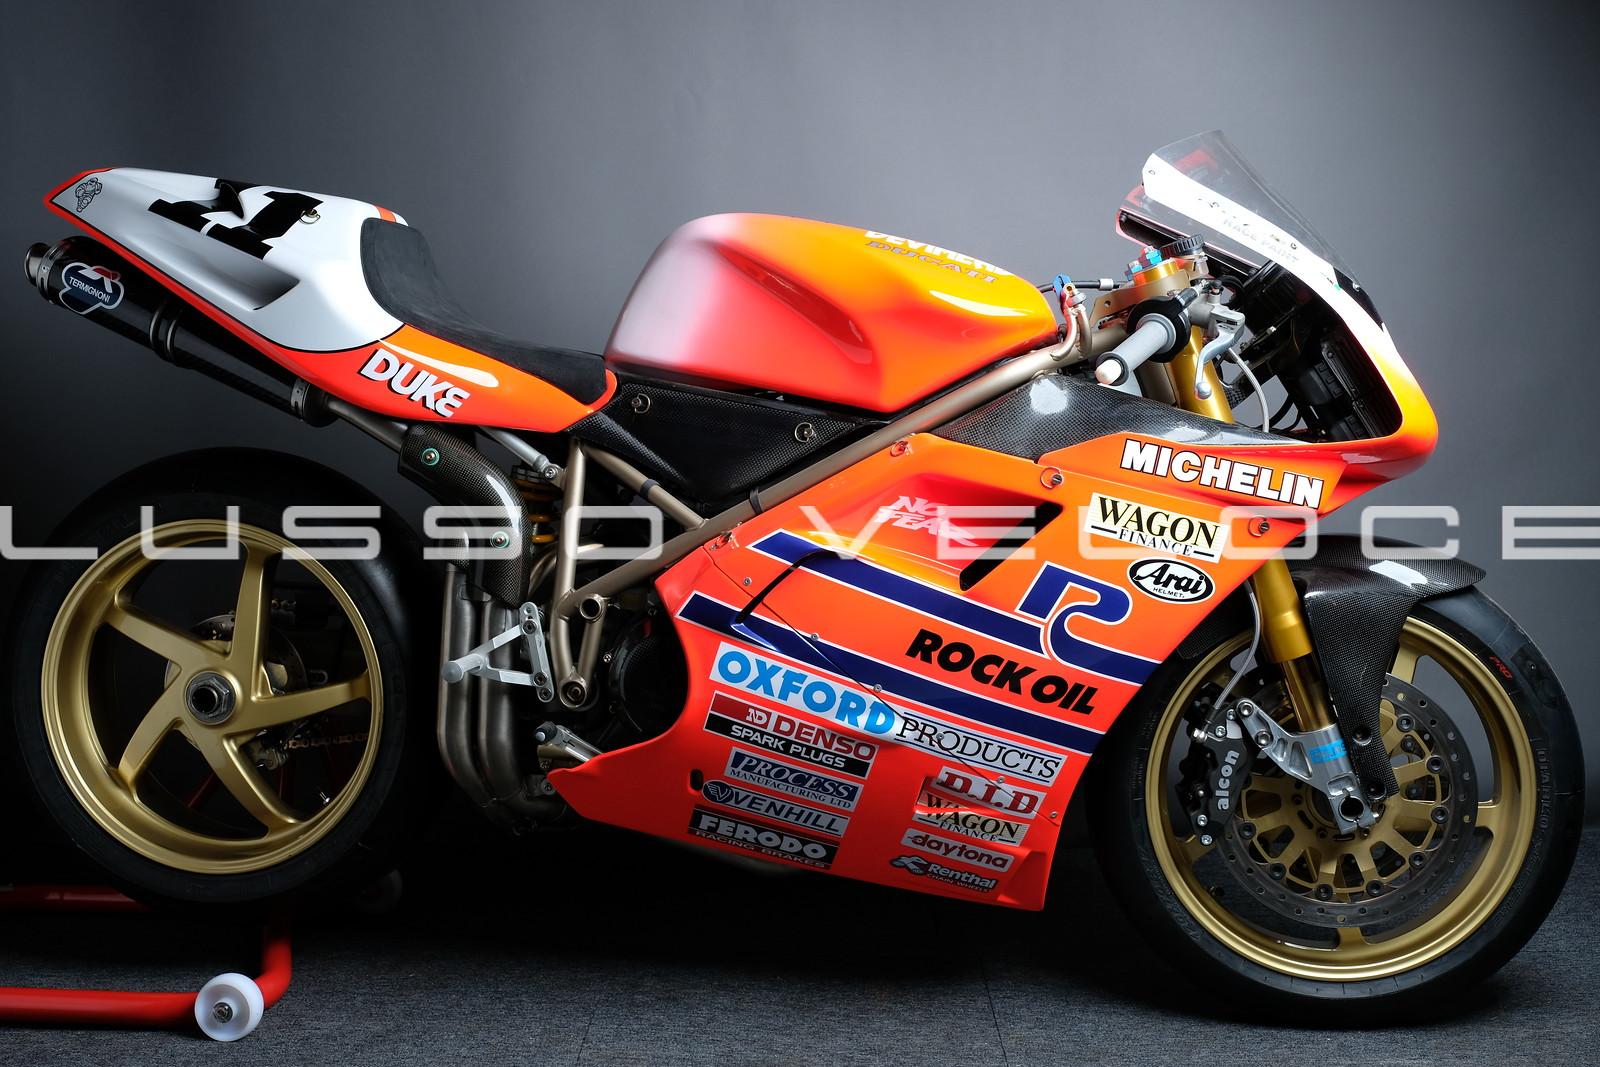 A quick look at Hislops 955 Ducati